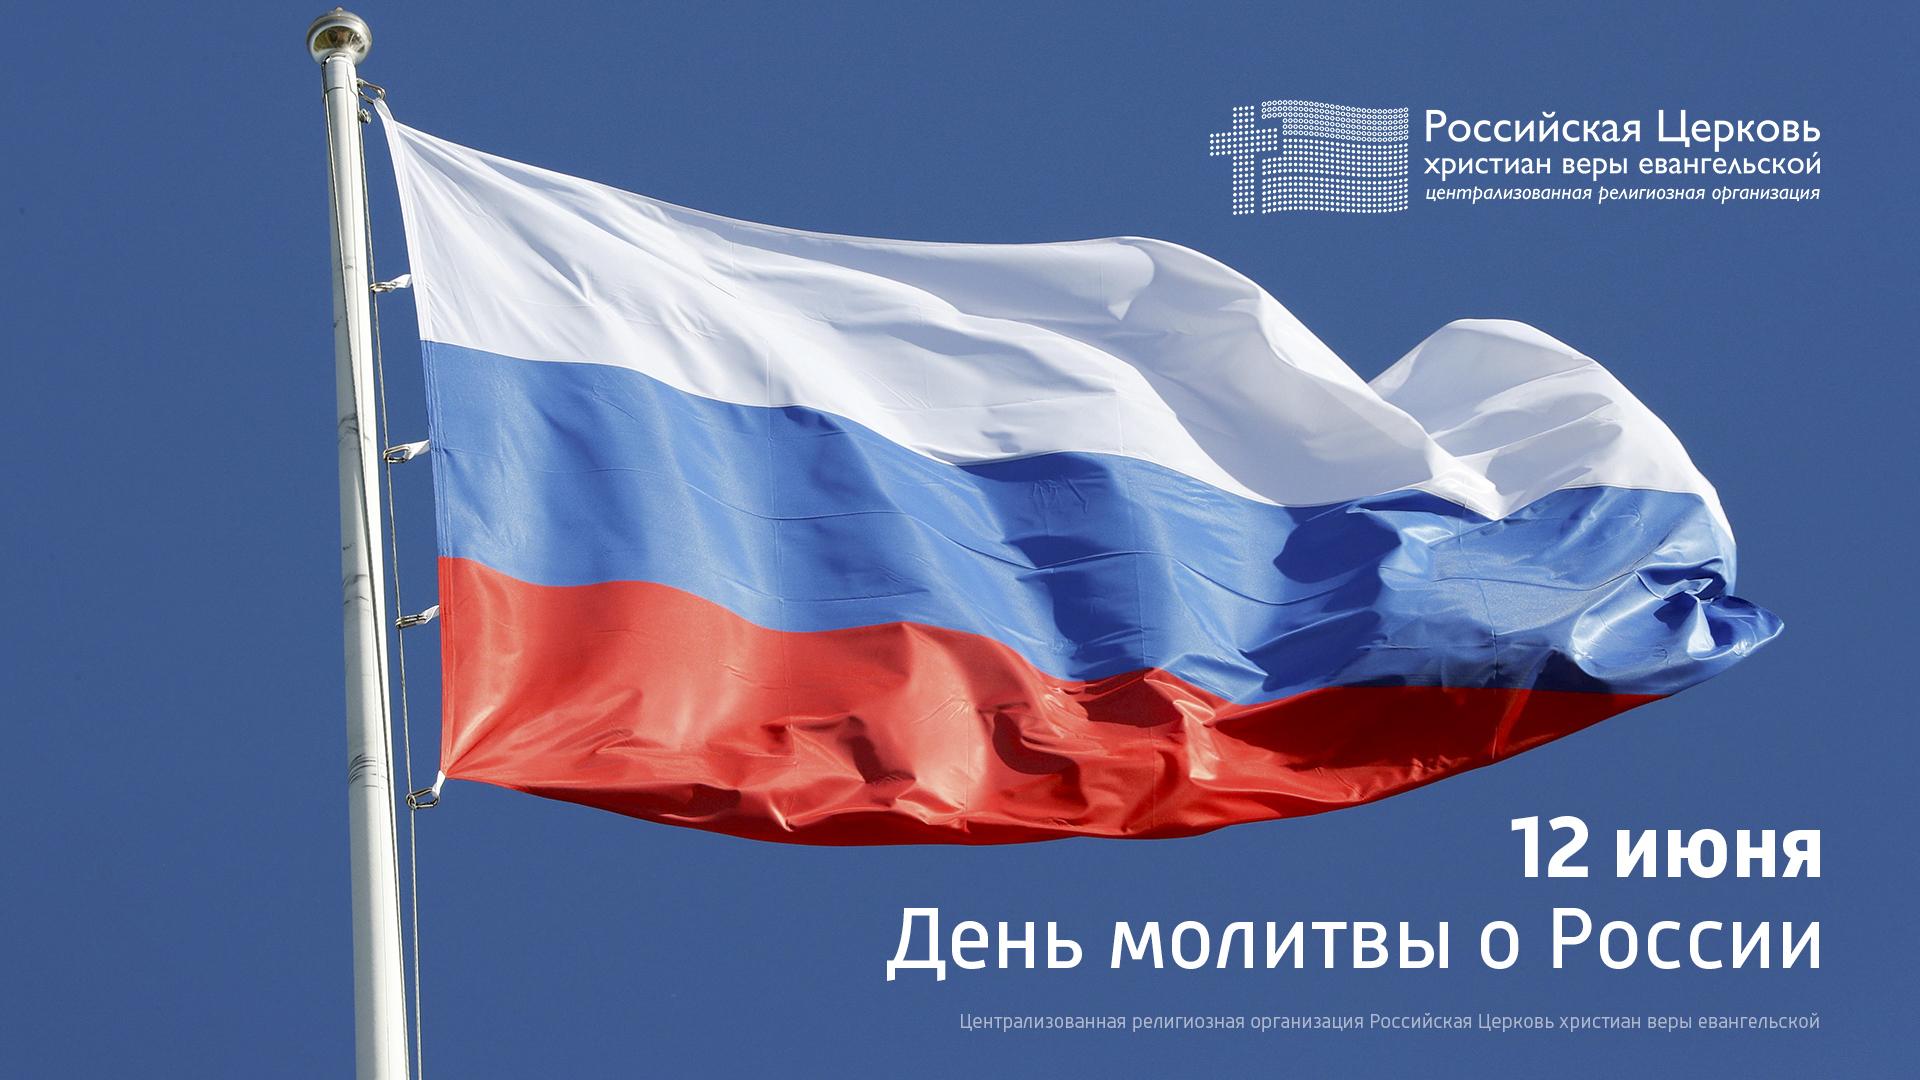 Начальствующий епископ РЦХВЕ Эдуард Грабовенко призвал верующих 12 июня молиться о России